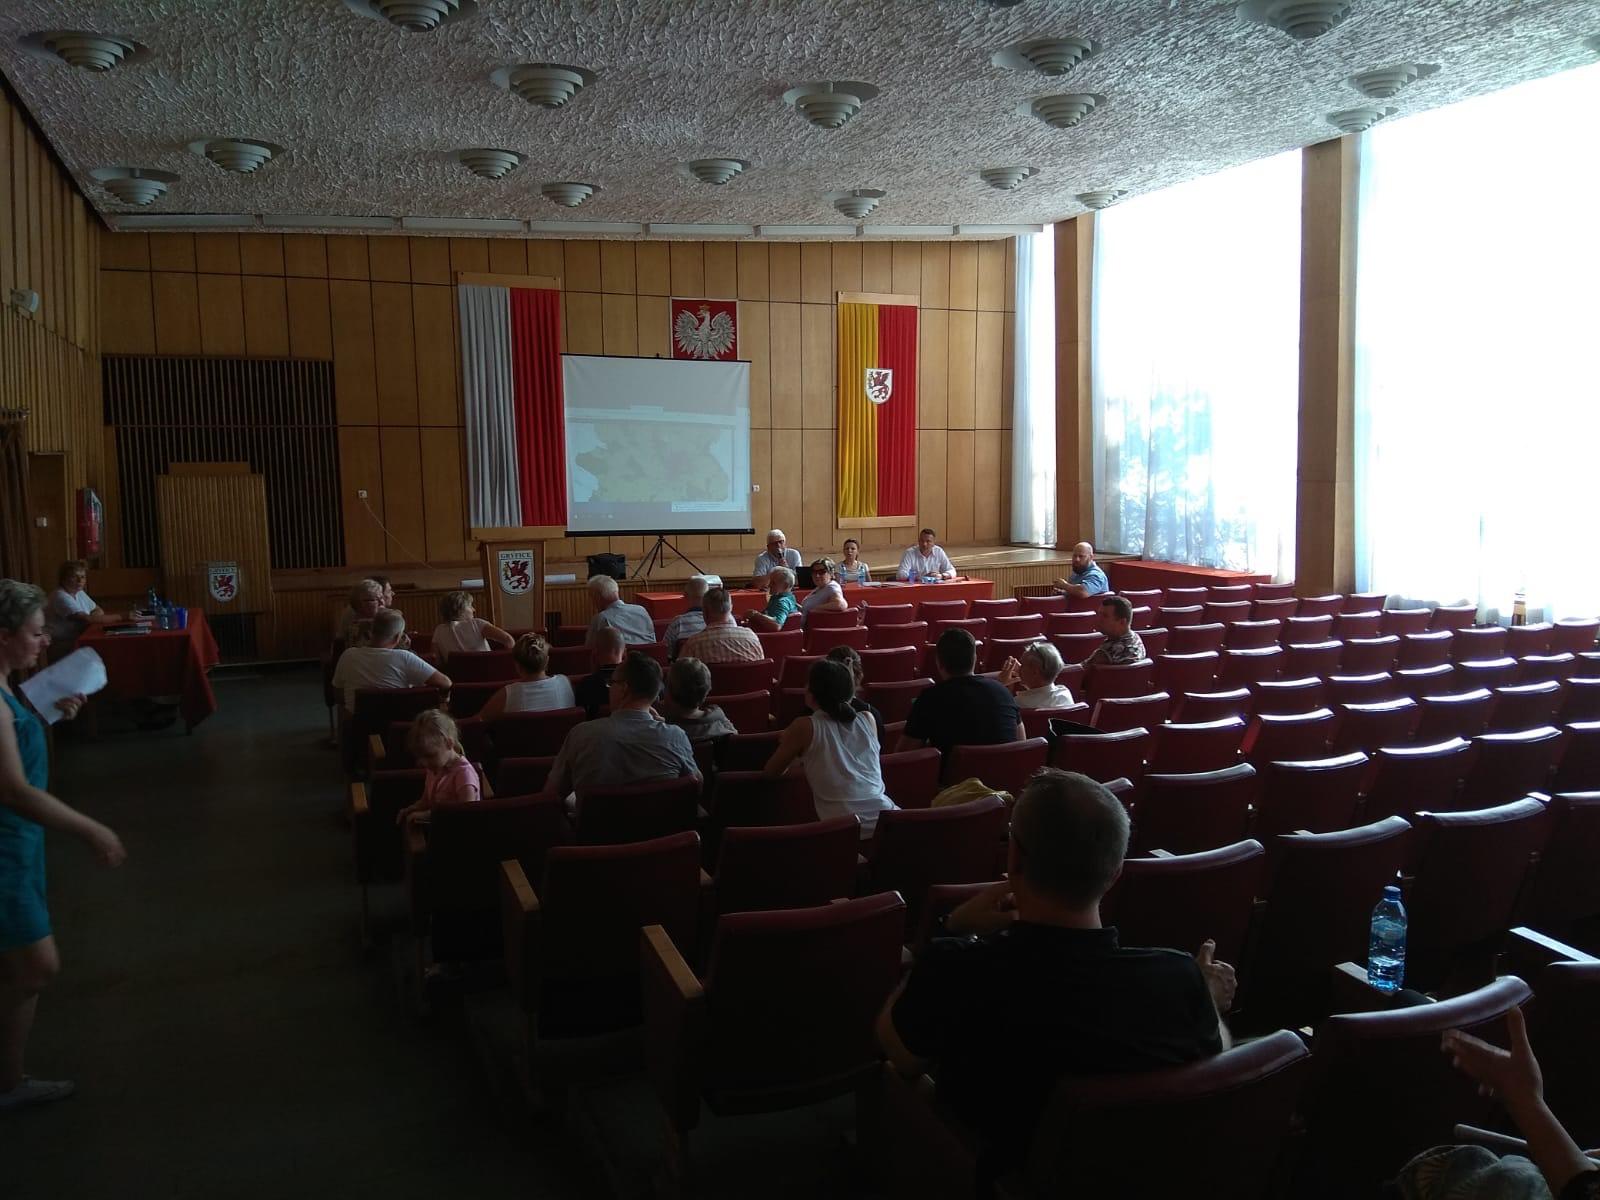 Spotkanie w sprawie gryfickiej obwodnicy zgromadziło wielu zainteresowanych mieszkańców. Którą drogą będzie przebiegała obwodnica zależy od władz wojewódzkich i samorządowych.